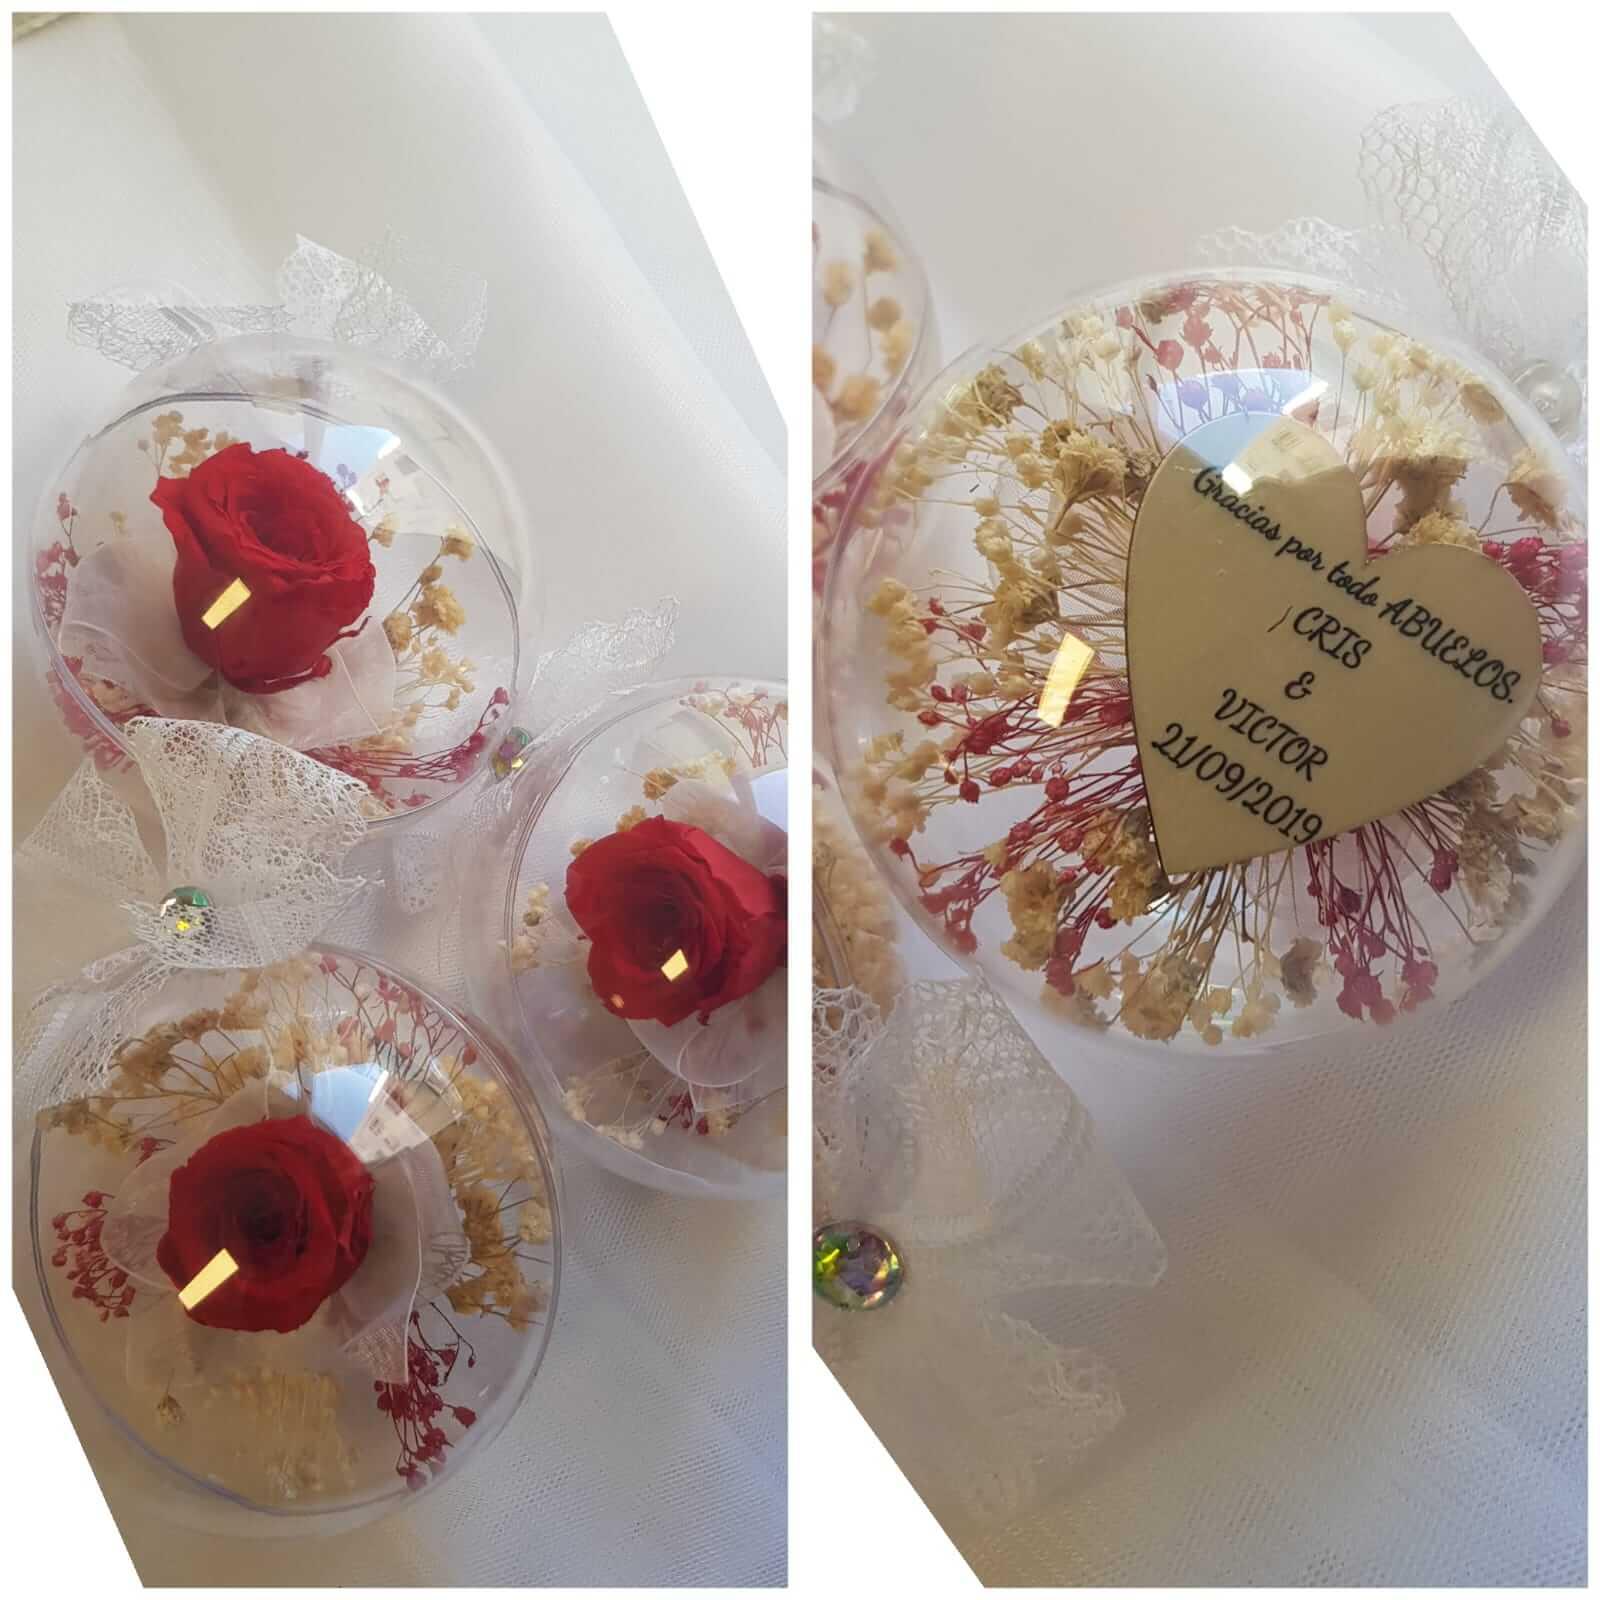 bola de plastico con rosas preservadas.jpeg